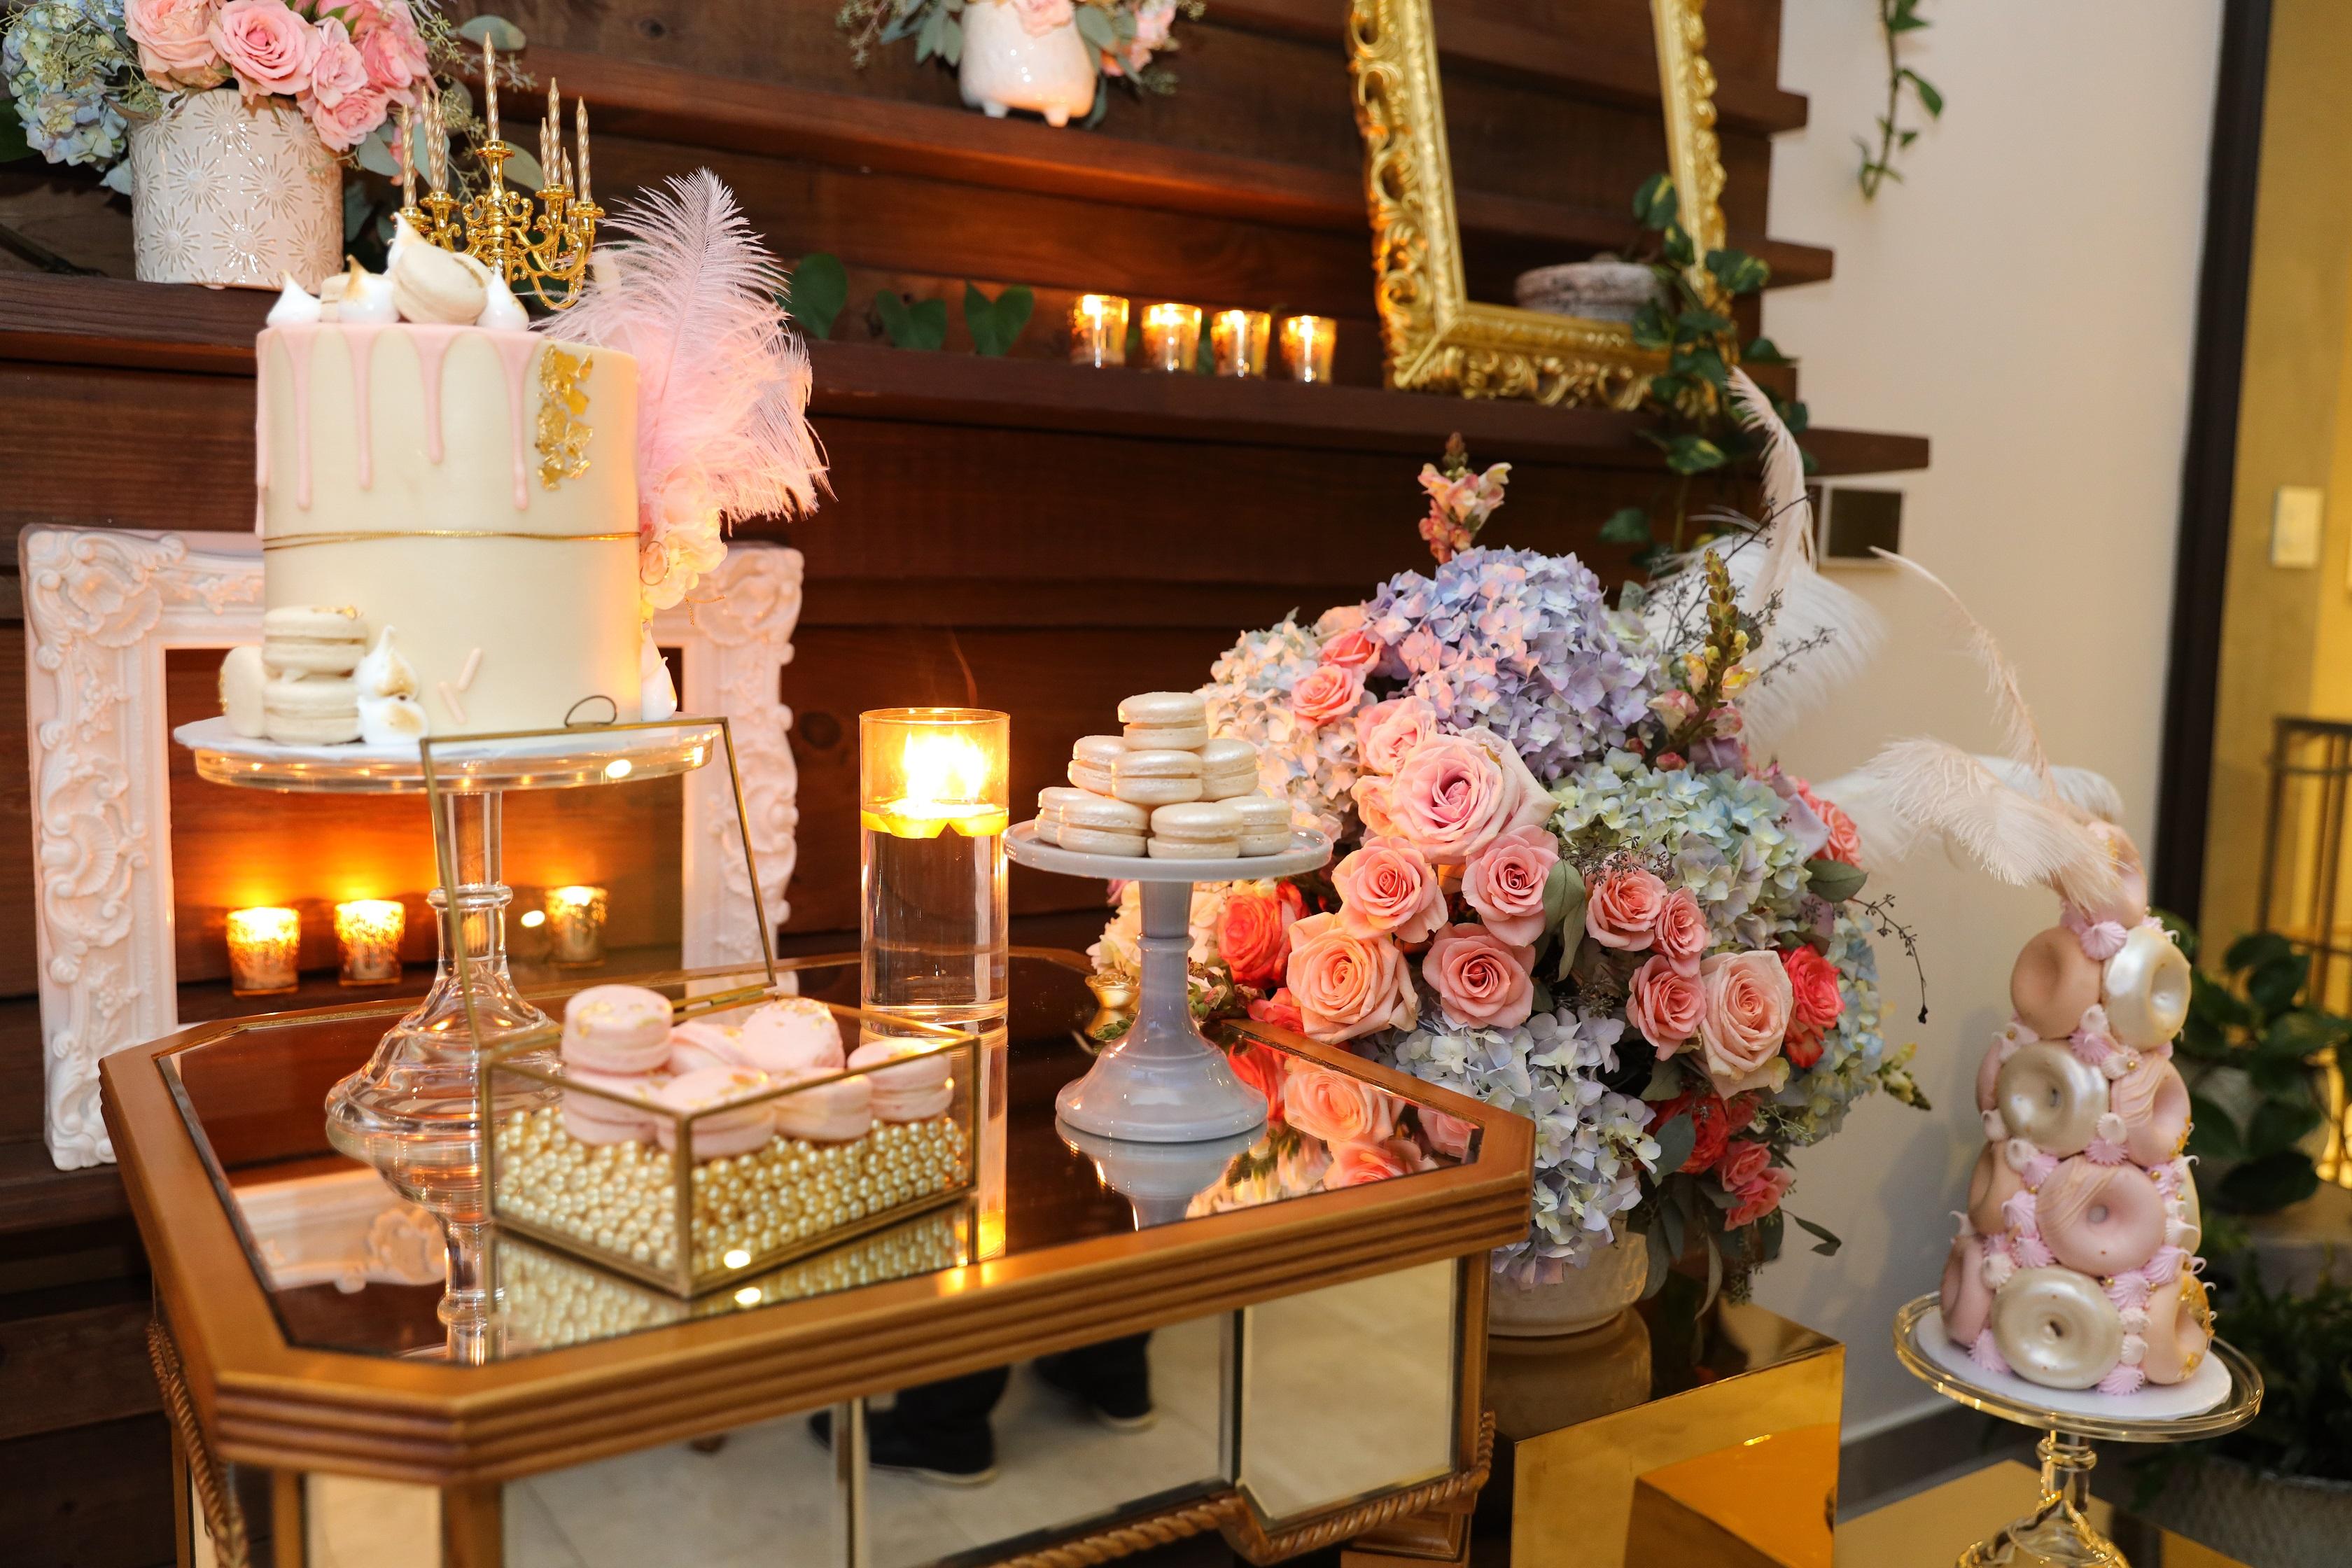 La decoración fue hecha por Artsy Party Styling y uno de los puntos focales fue la mesa con bizcochos, donas y macarons, de G-Delights. El menú de la noche fue confeccionado por el chef José Alfredo Díaz. (Suministrada/Karina Margary)